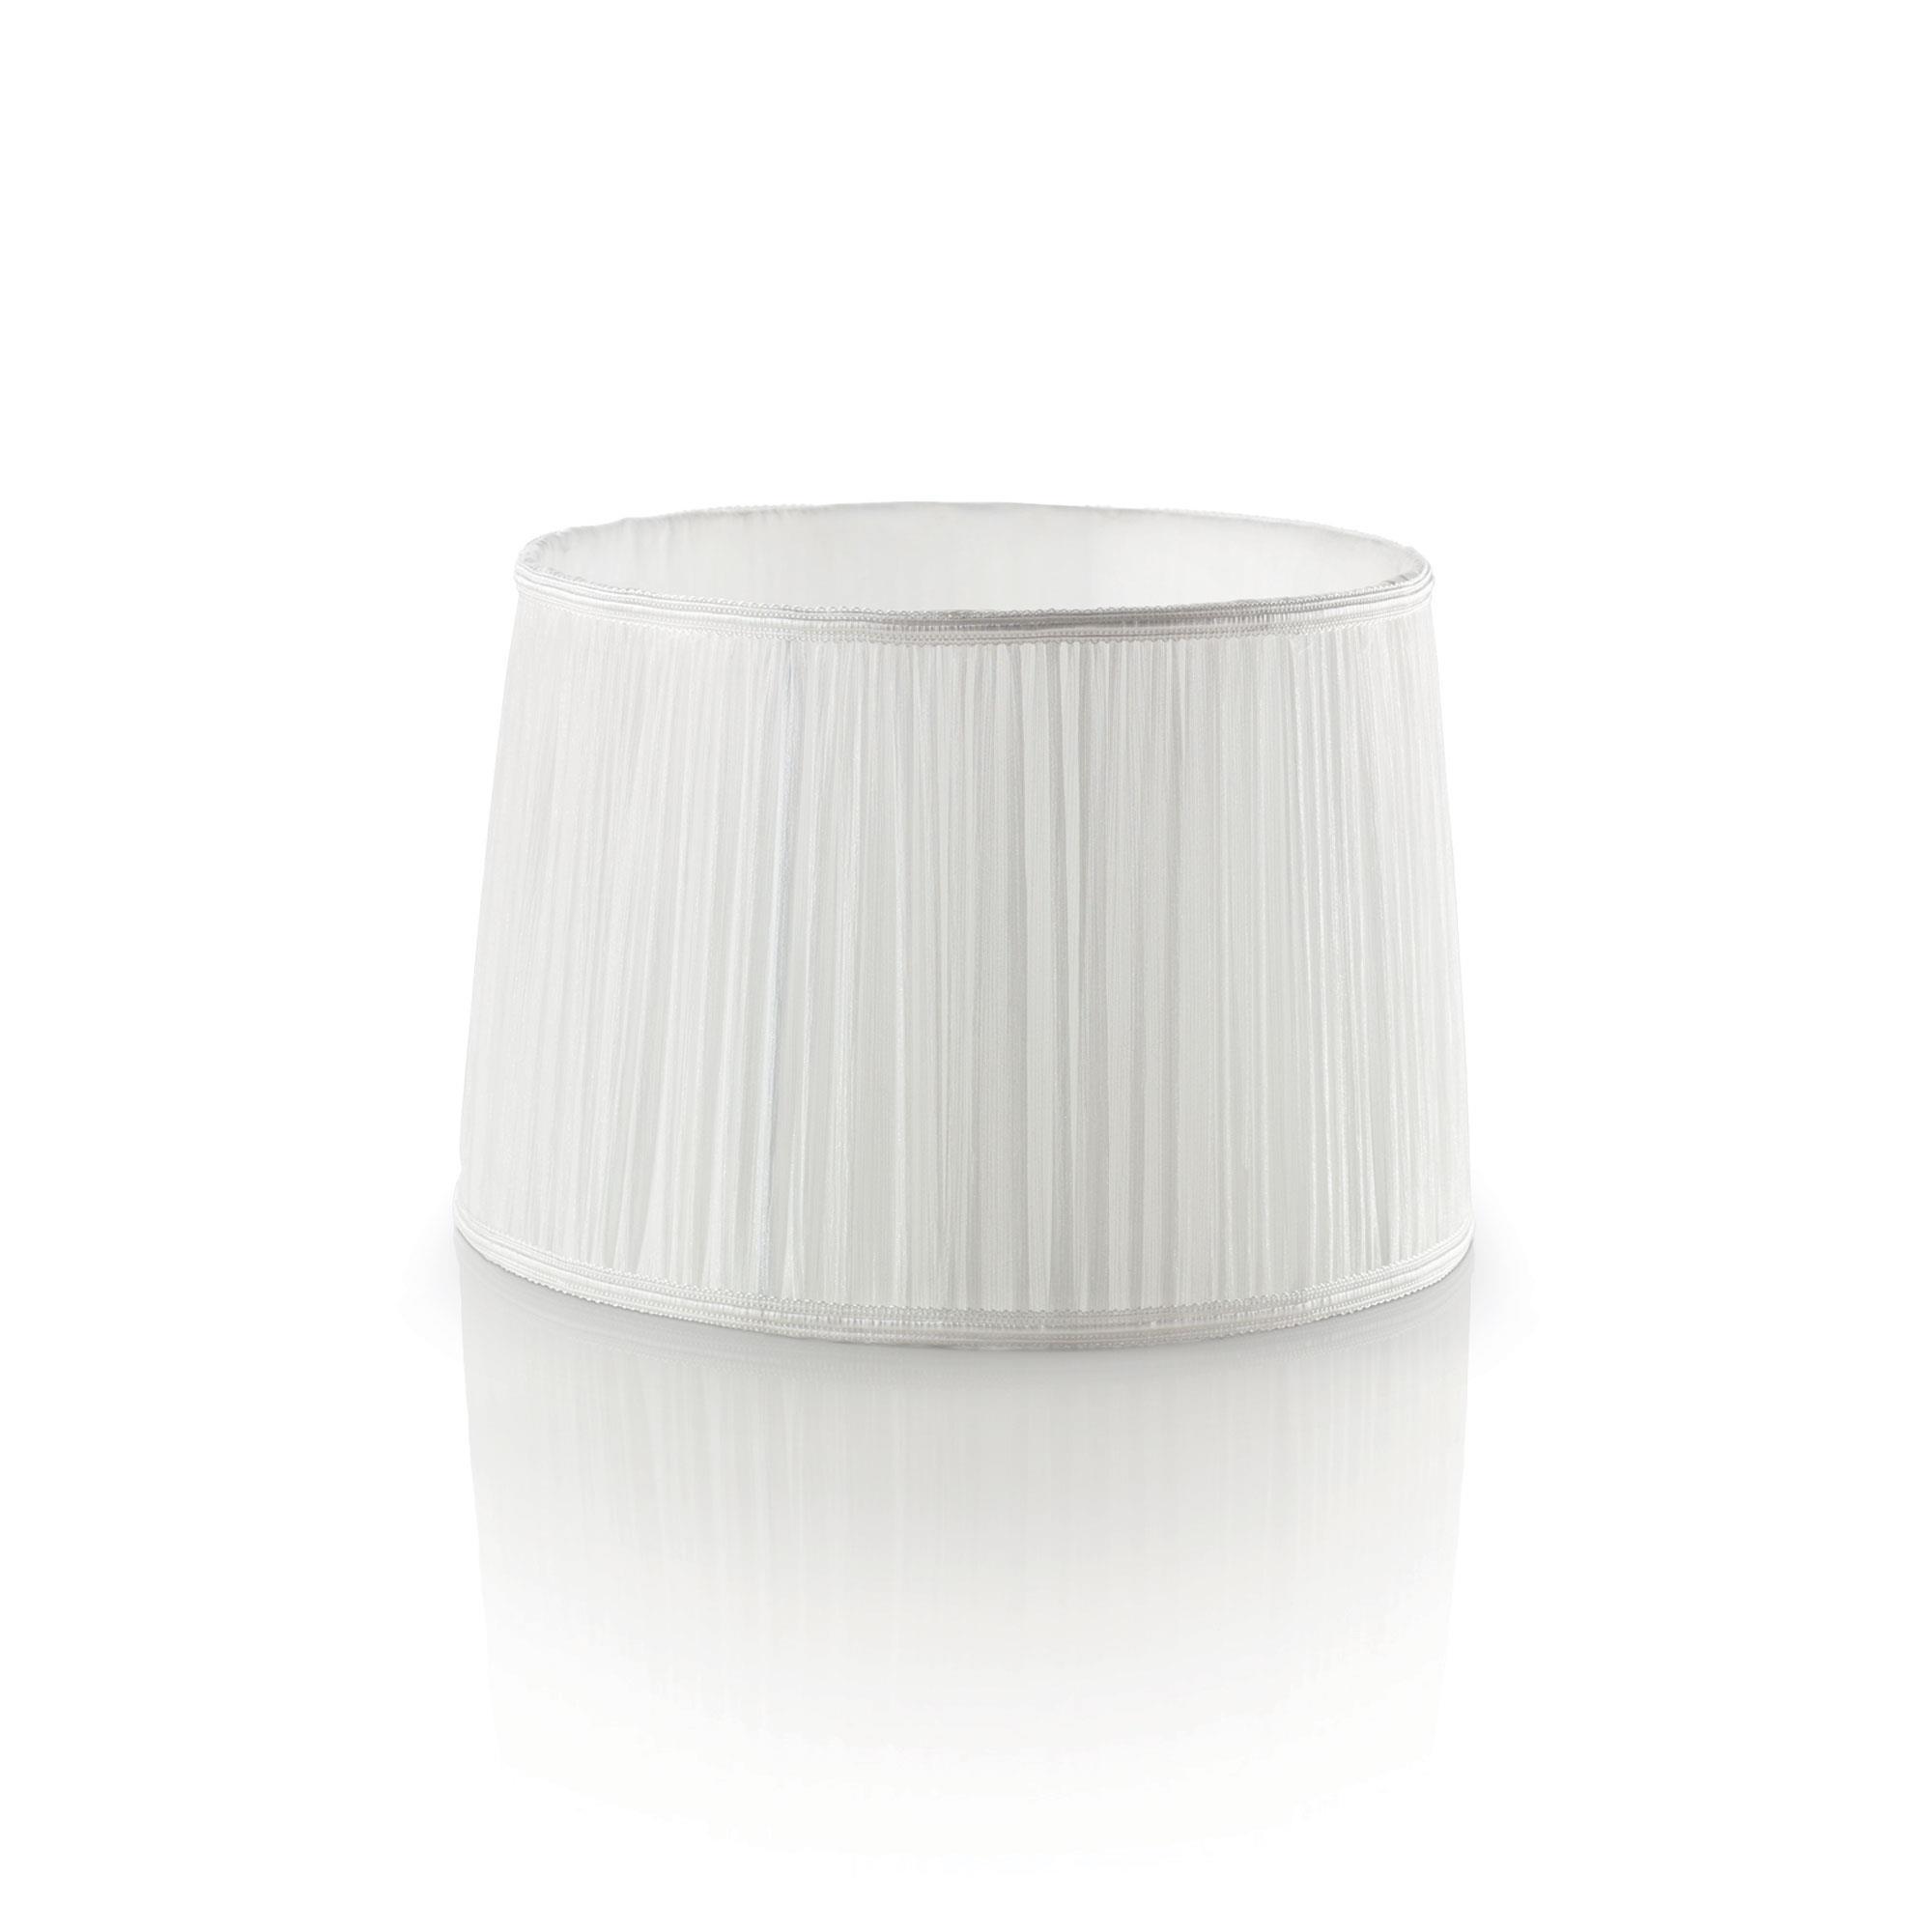 Ideal Lux 122885 Kate-2 TL1 Round asztali lámpa